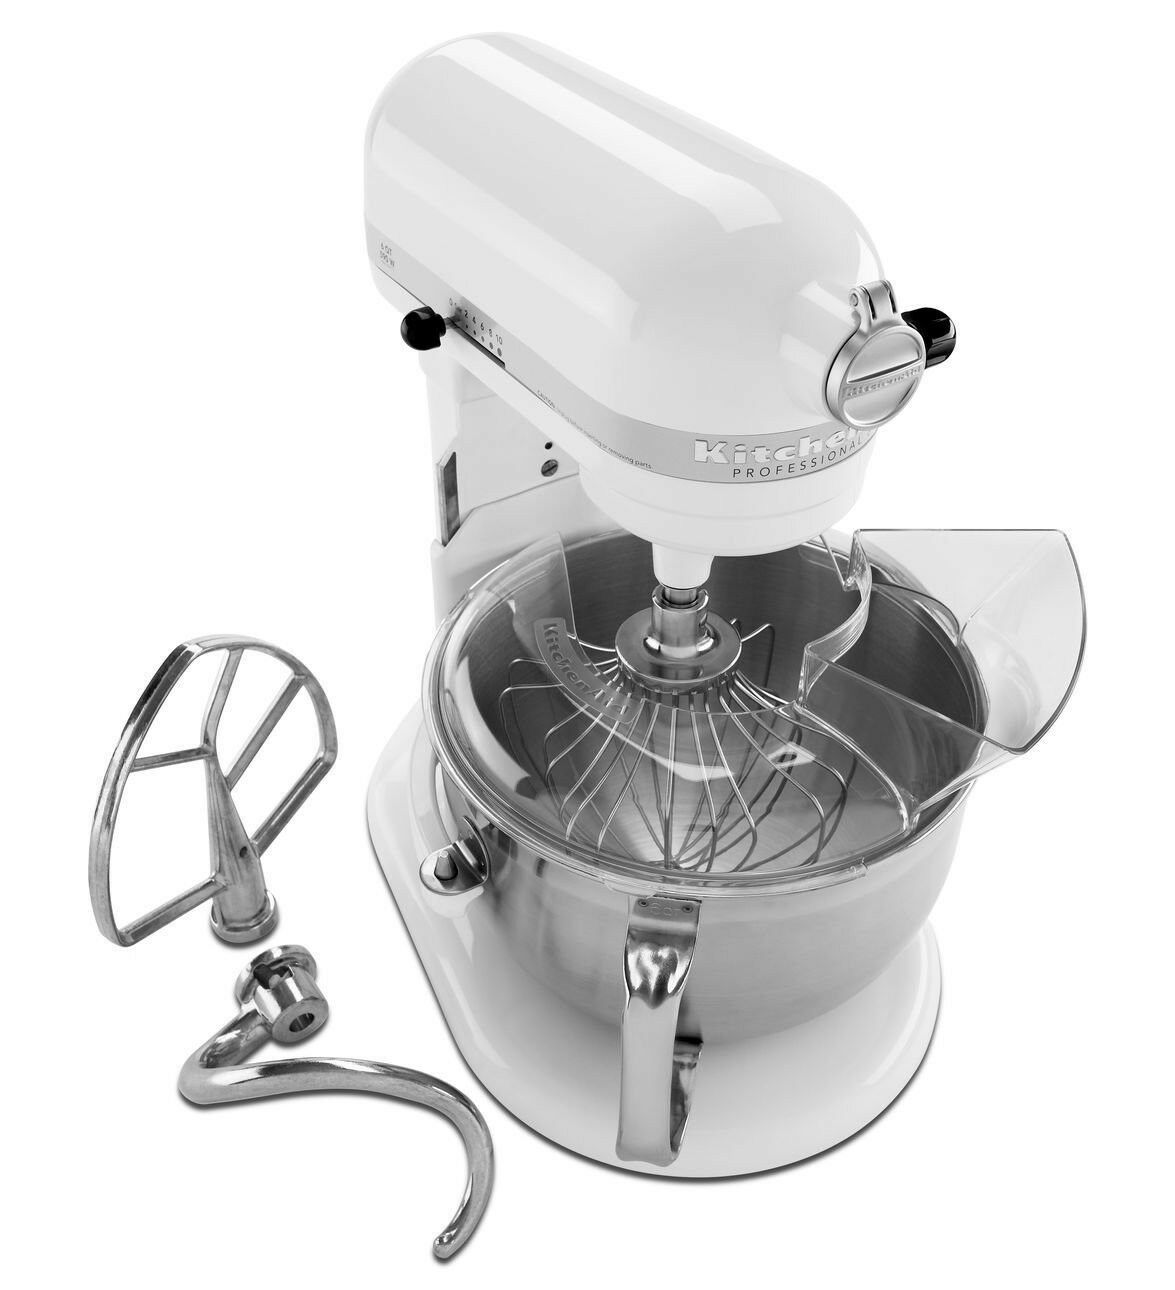 KitchenAid kp26n9xwh 6-Quart robot mélangeur professionnel Lift Blanc Nouveau